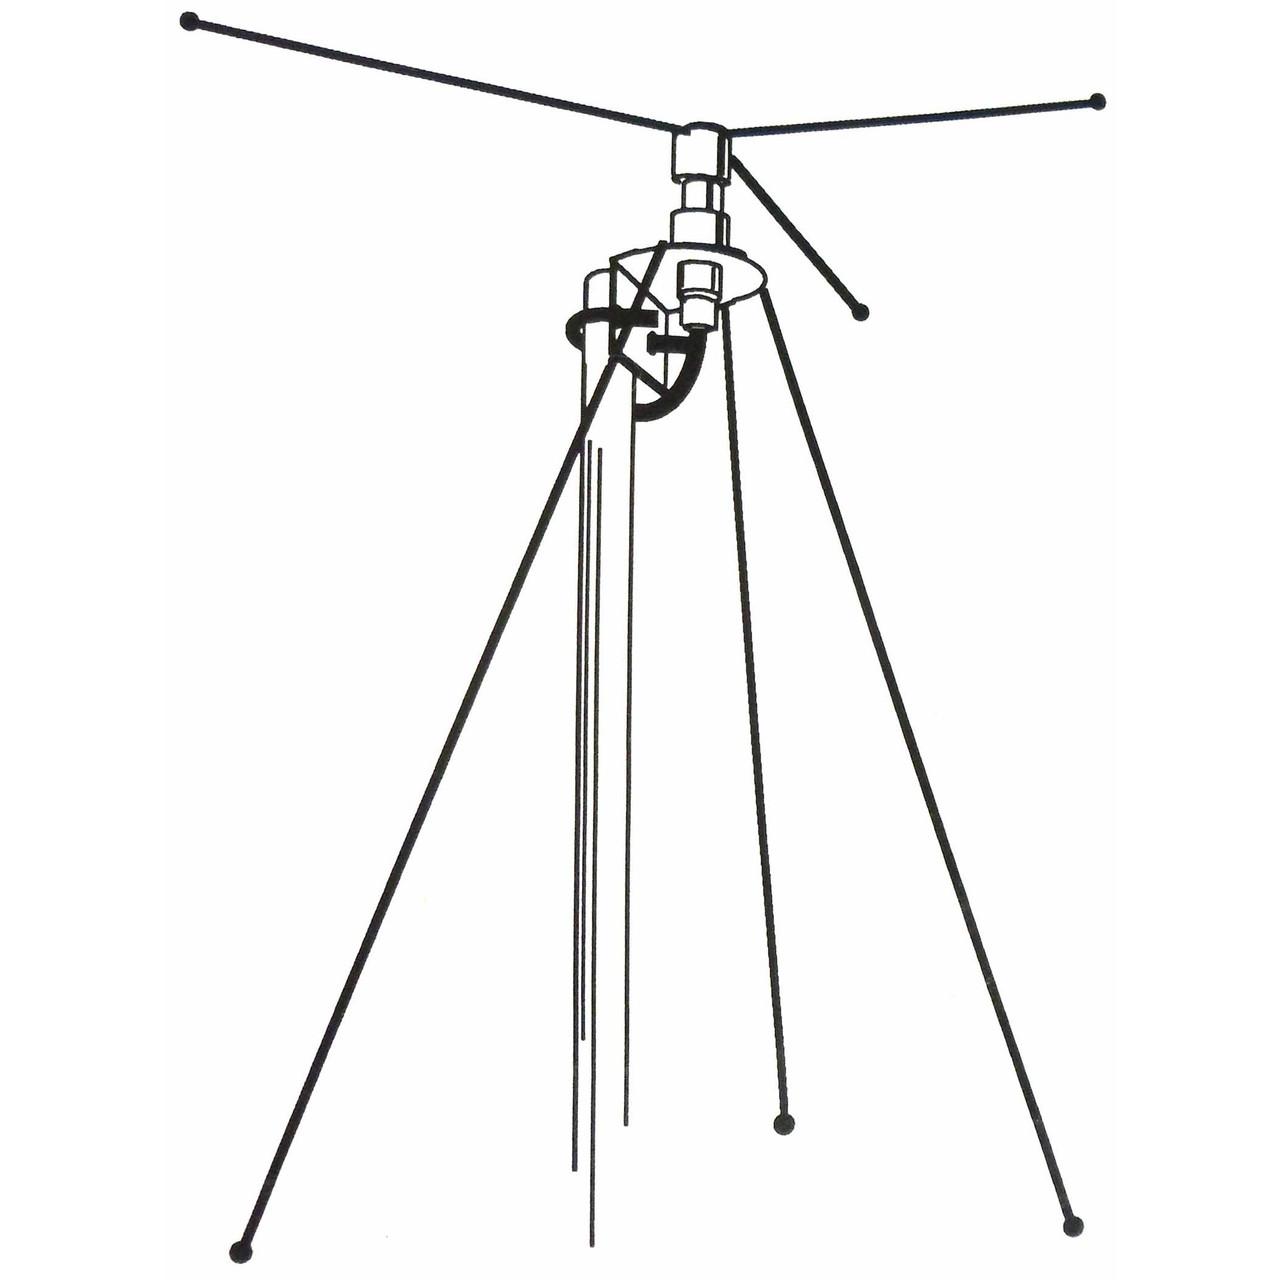 Hustler DCX Scanner Antenna